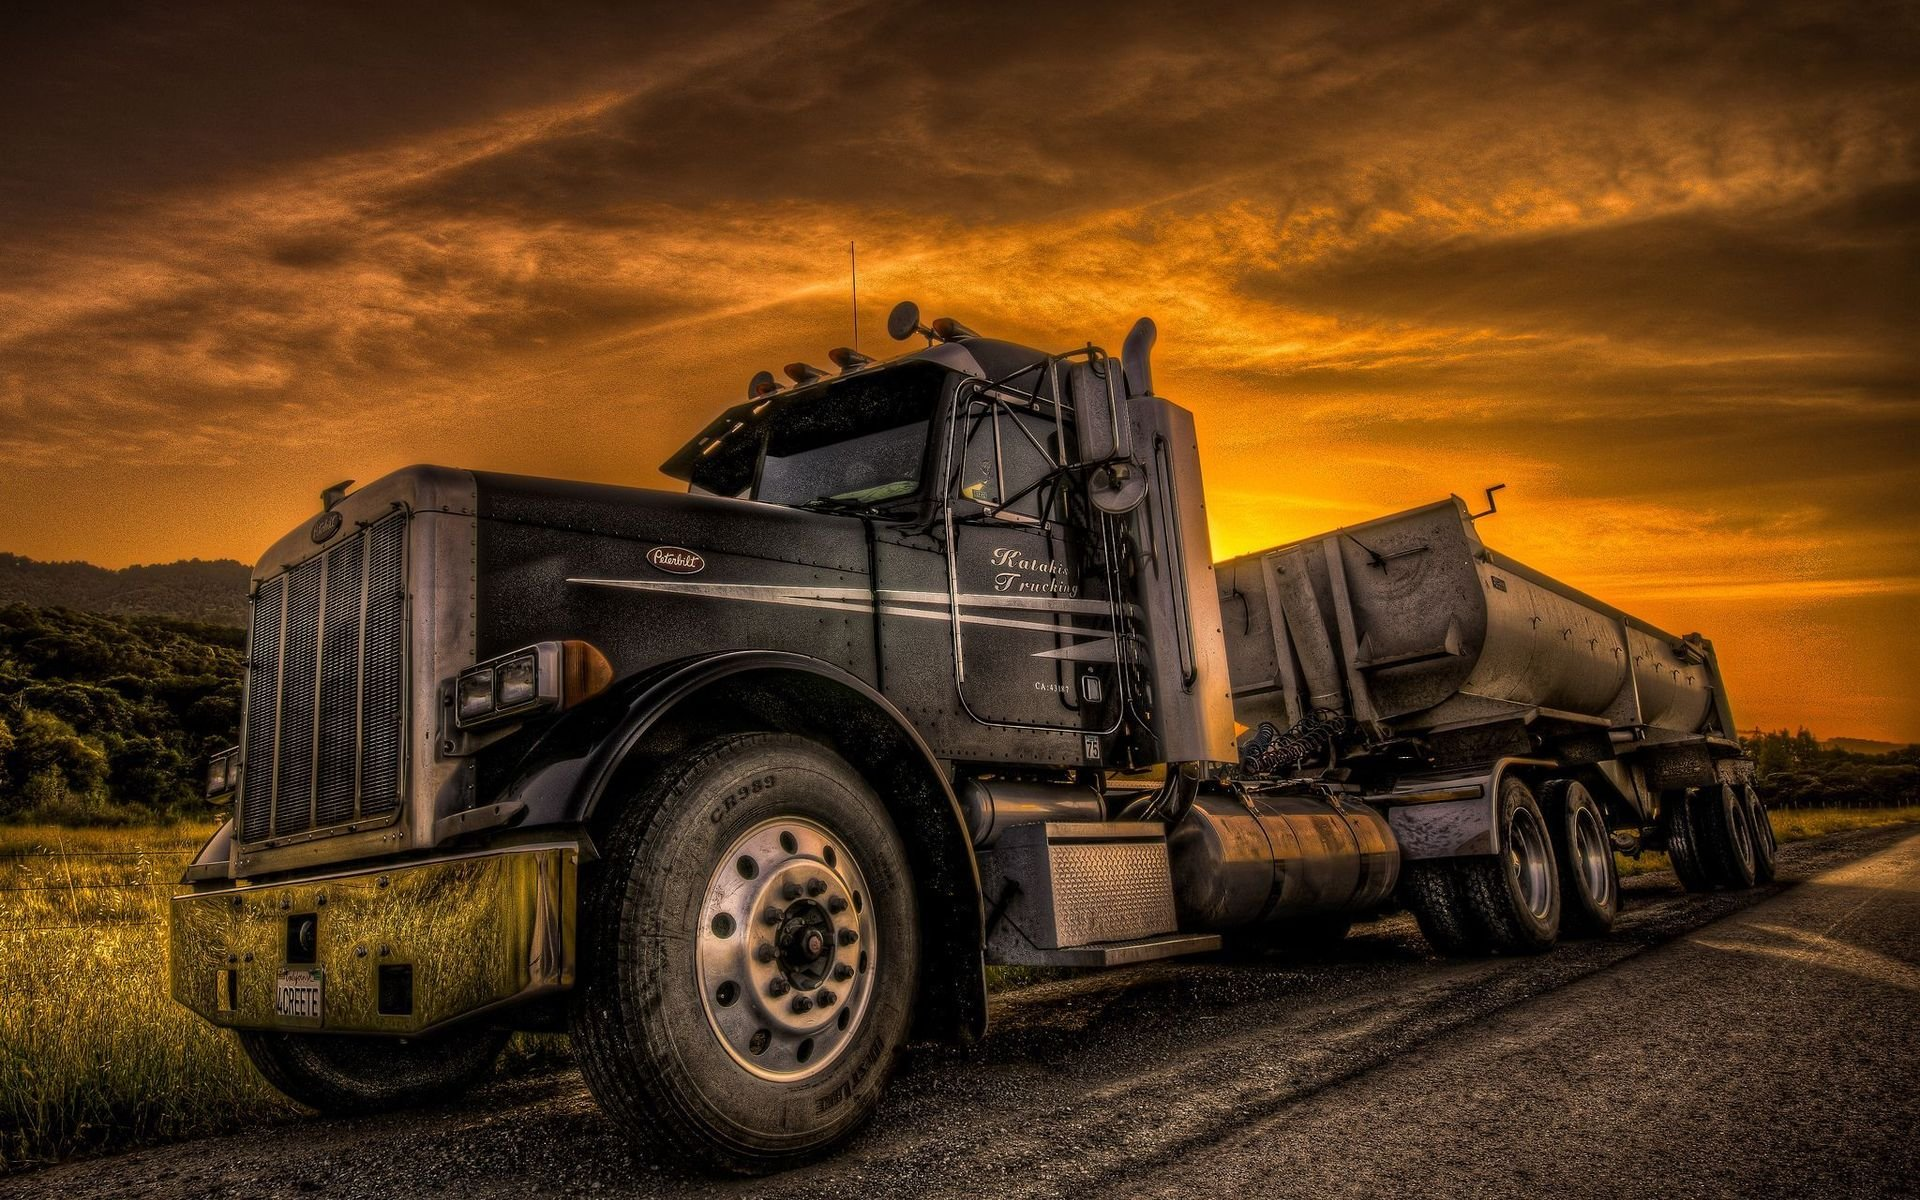 Best Old Trucks Wallpaper HD 2376 2319 Wallpaper High Resolution 1920x1200